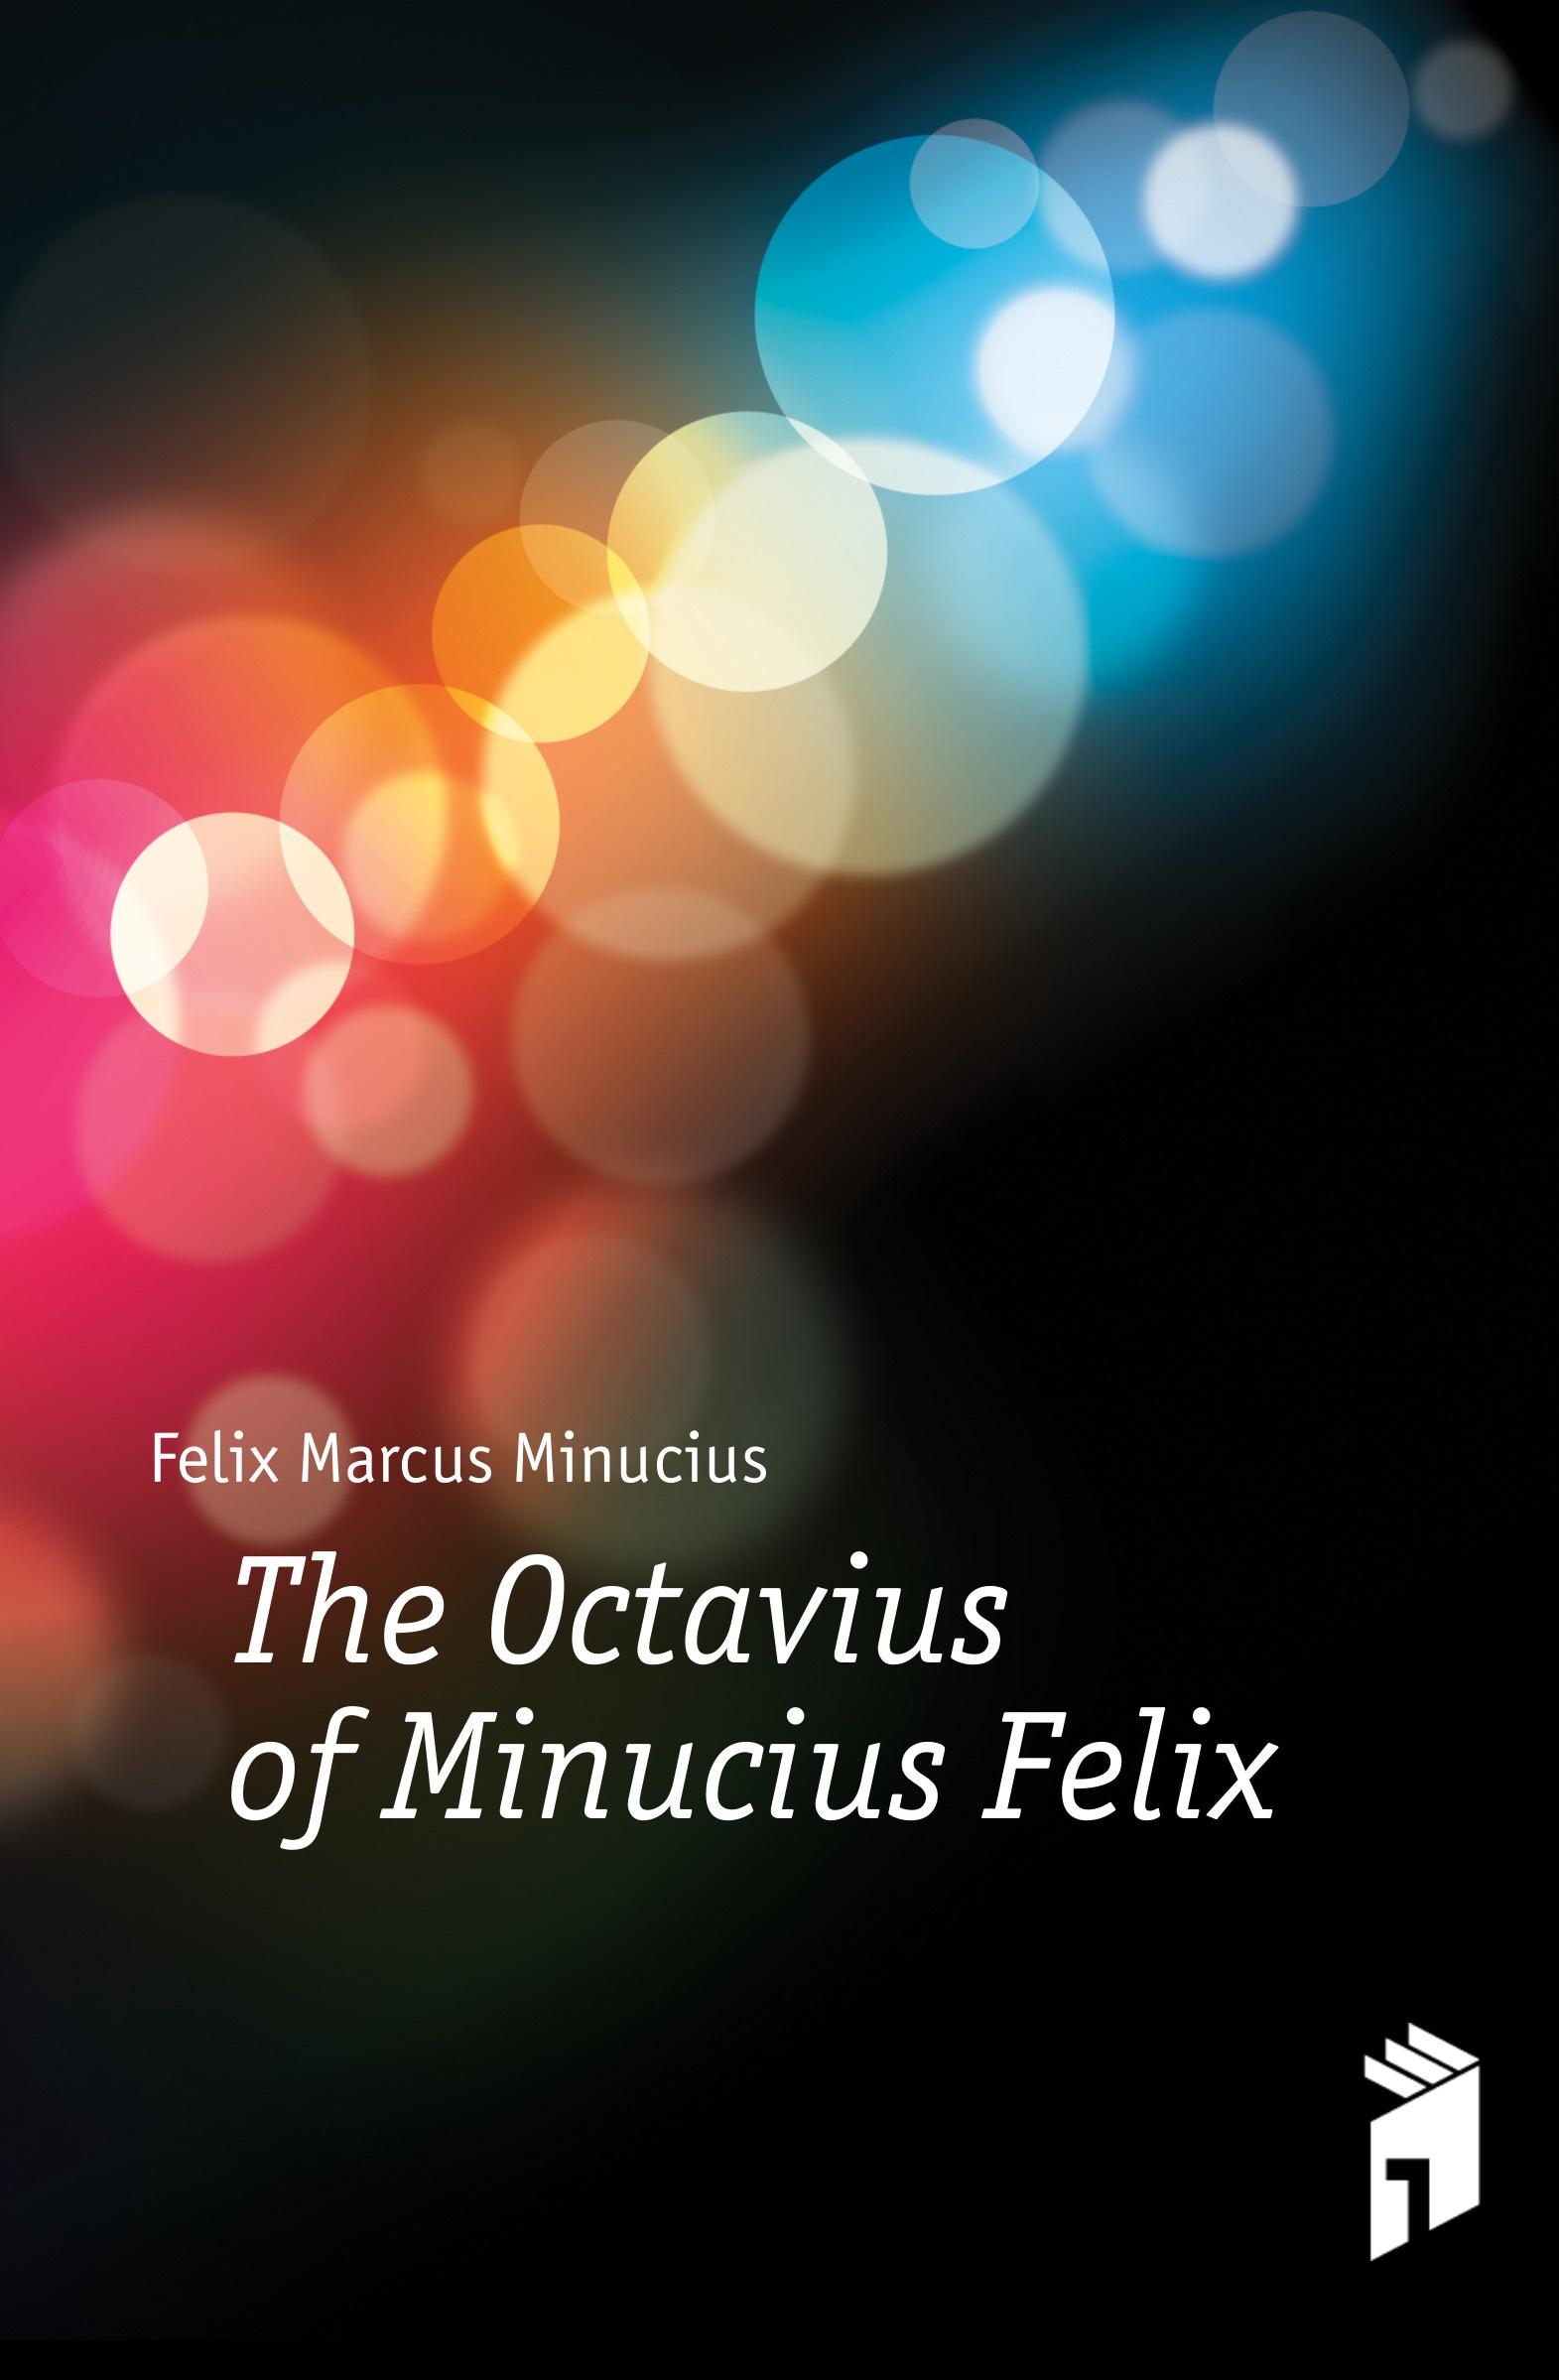 Felix Marcus Minucius The Octavius of Minucius Felix j p waltzing octavius de m minucius felix